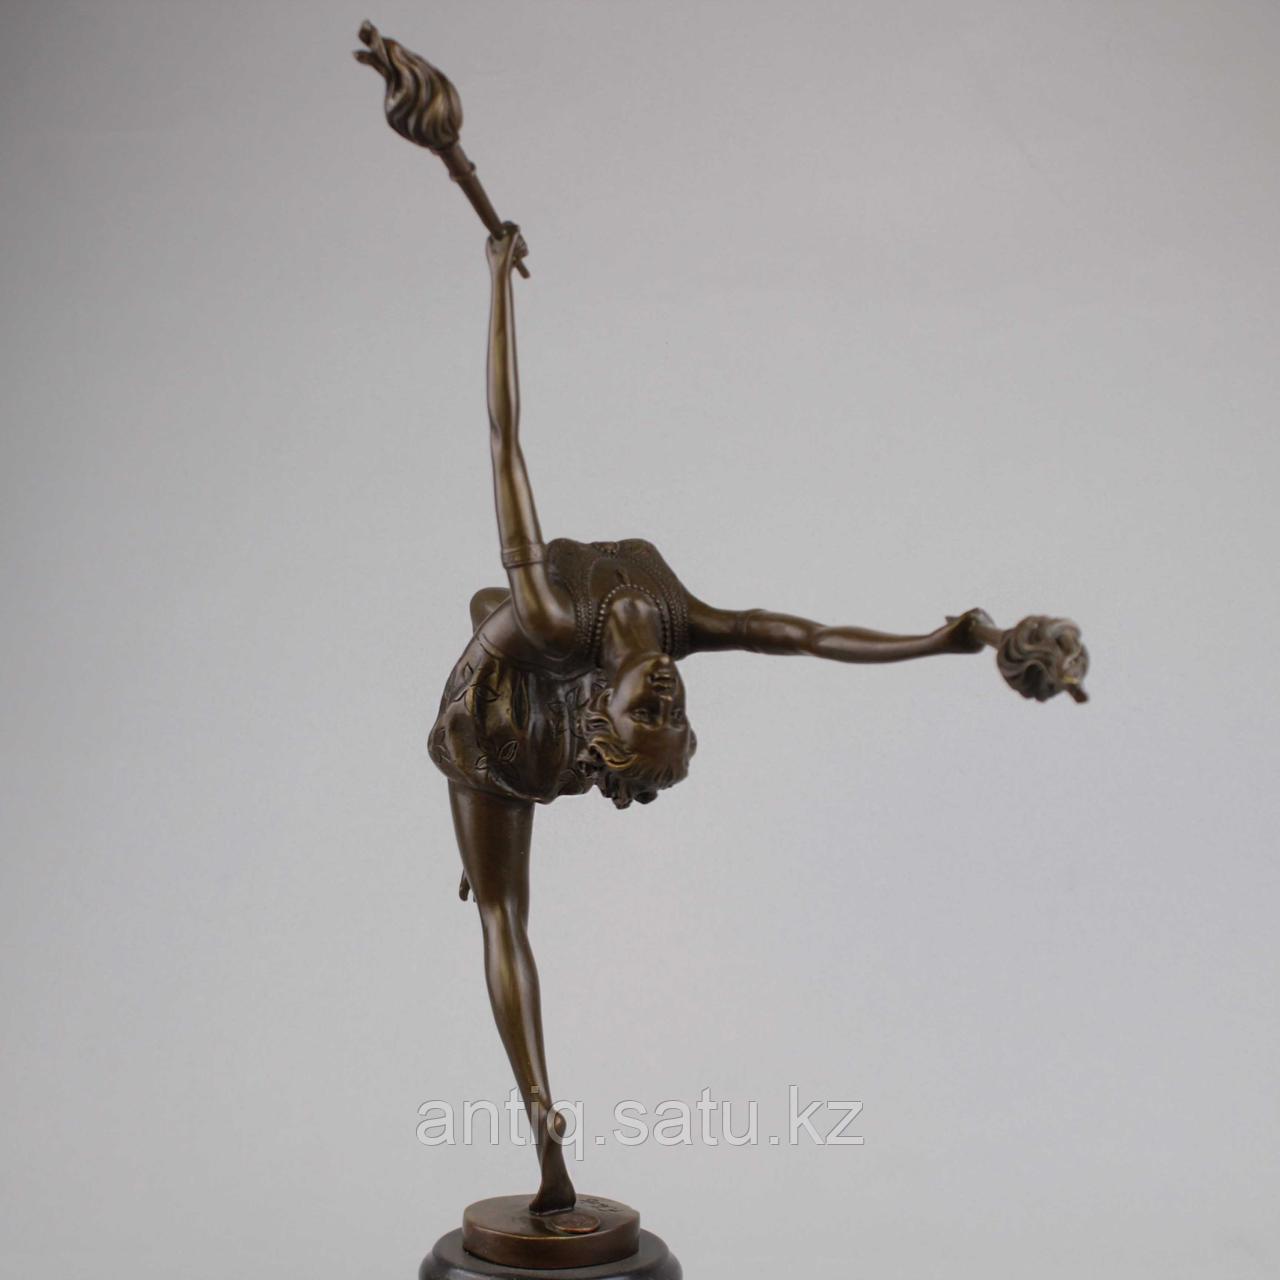 Танцовщица с факелами По модели всемирно известного французского скульптора Ferdinand Preiss (1882-1943) - фото 3